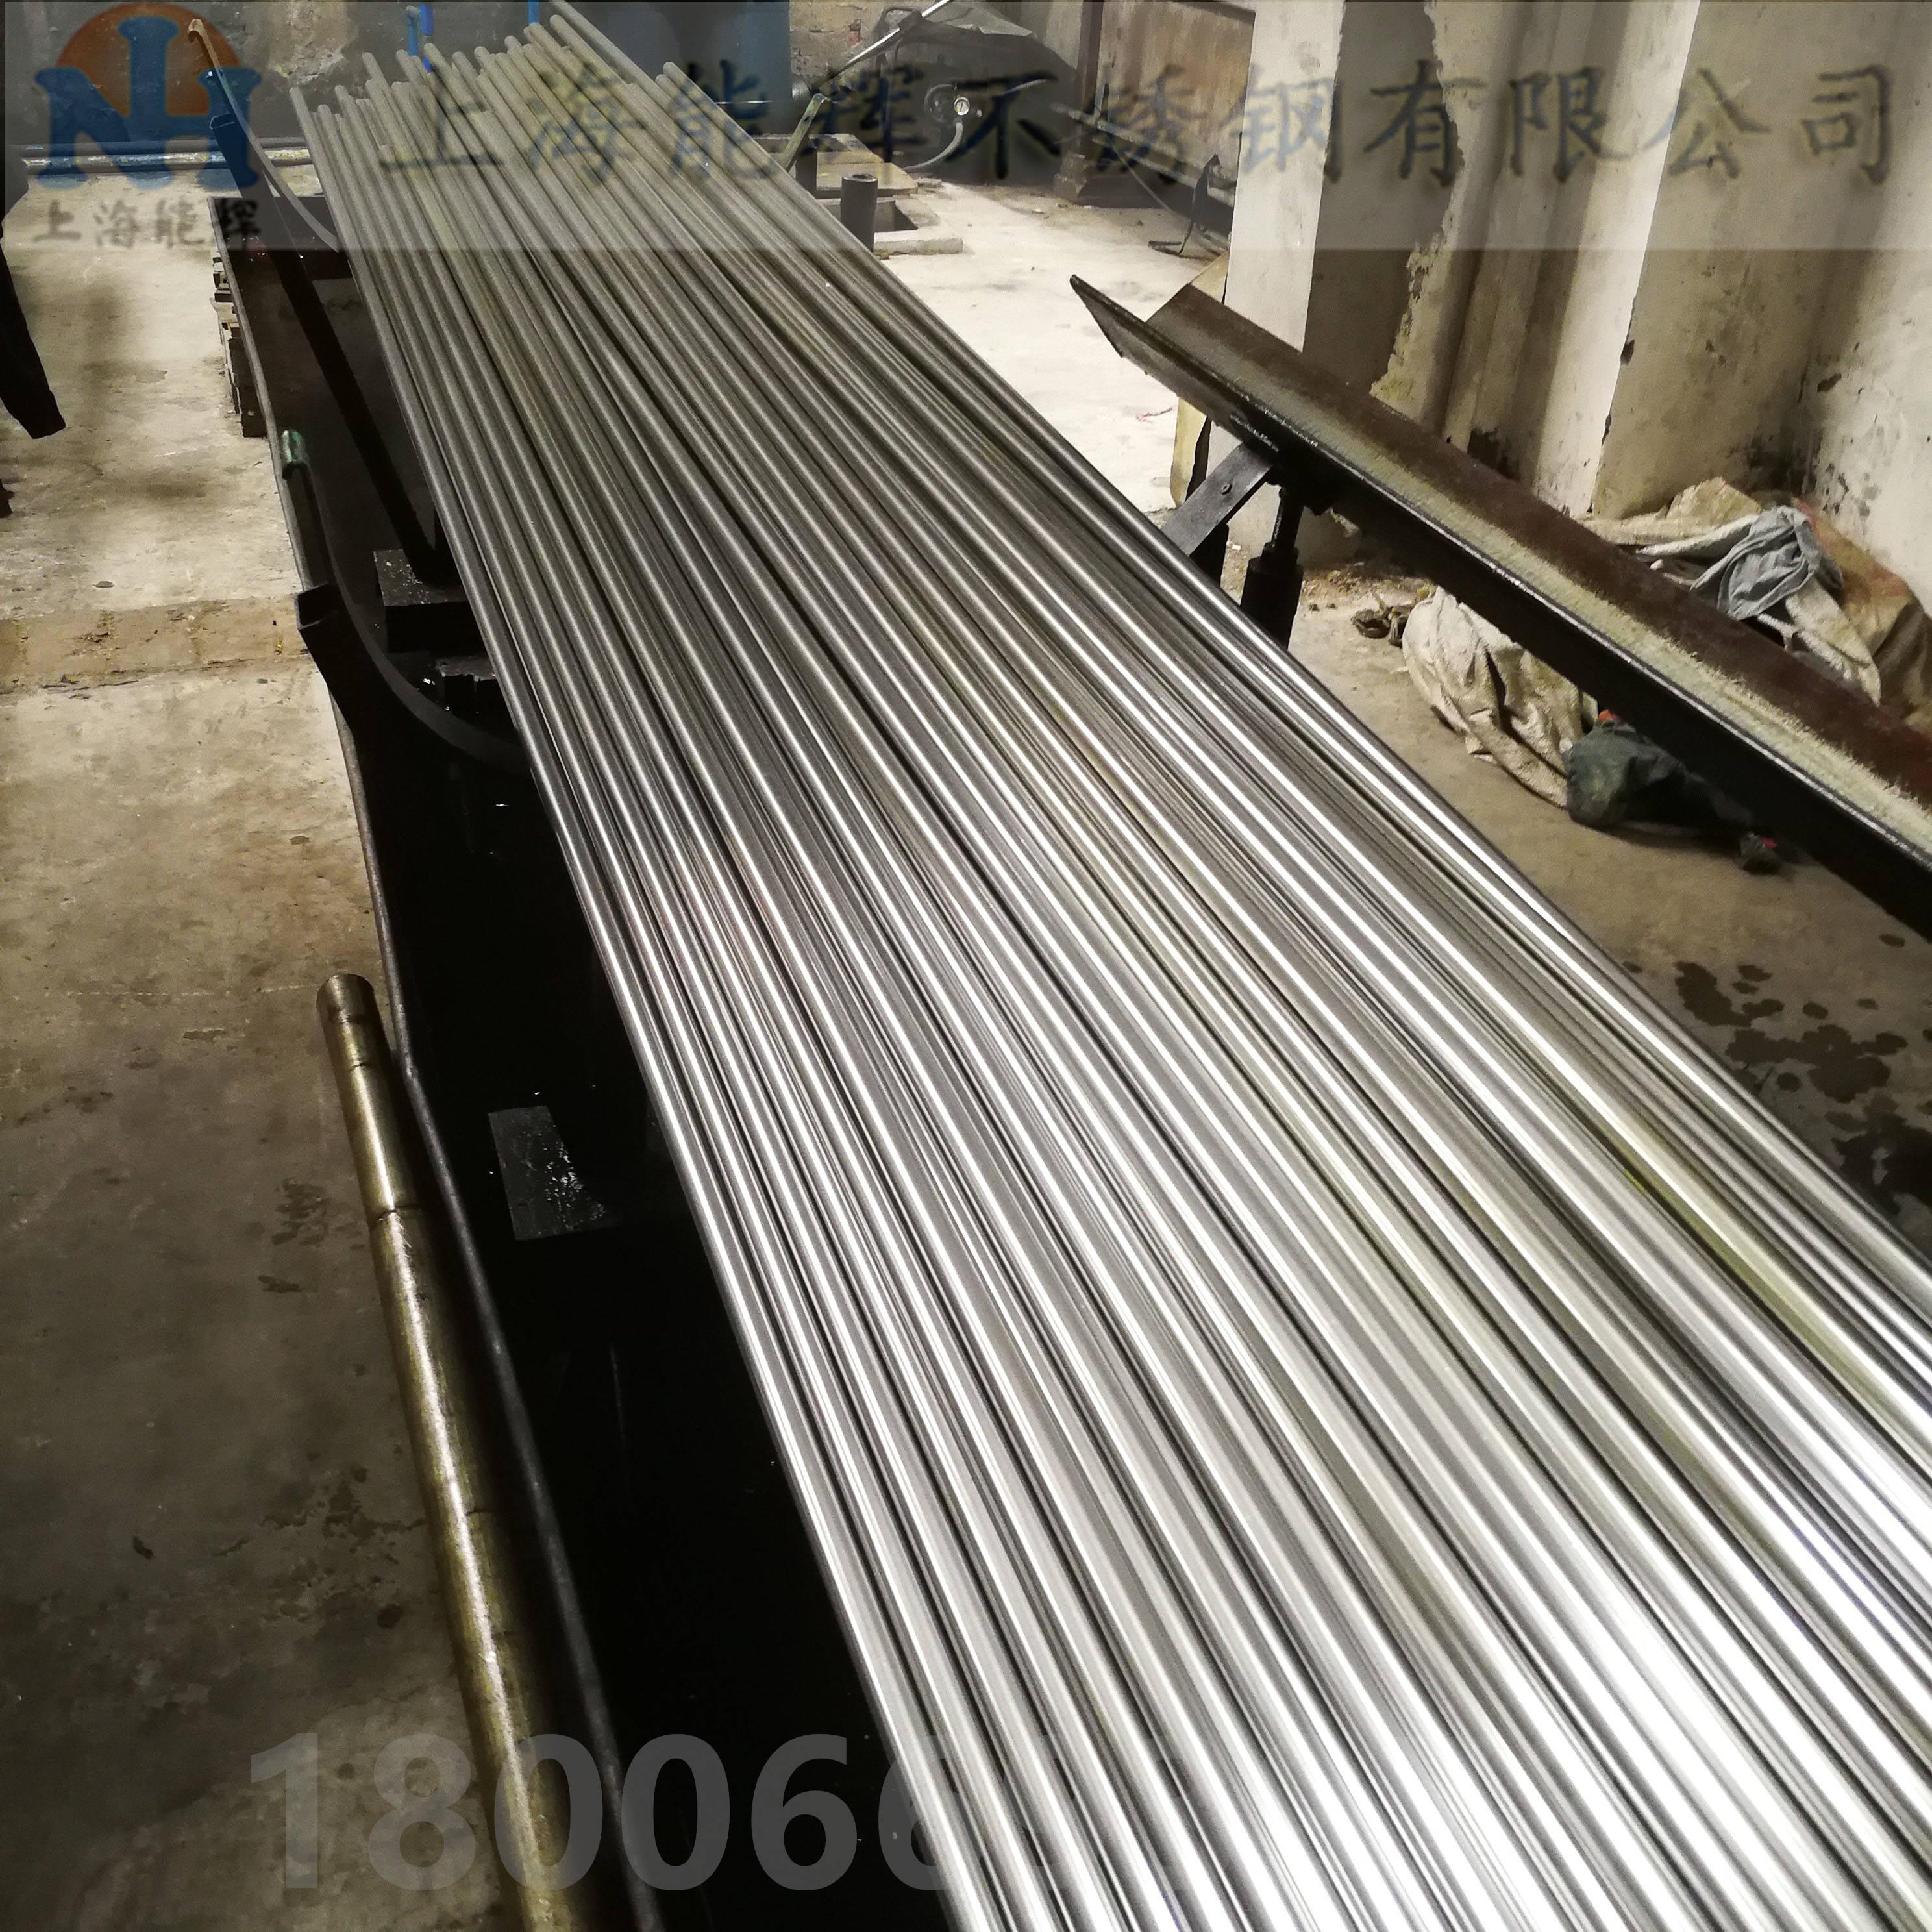 29*2卫生级不锈钢管用于处理、加工和包装高度卫生的消费品行业